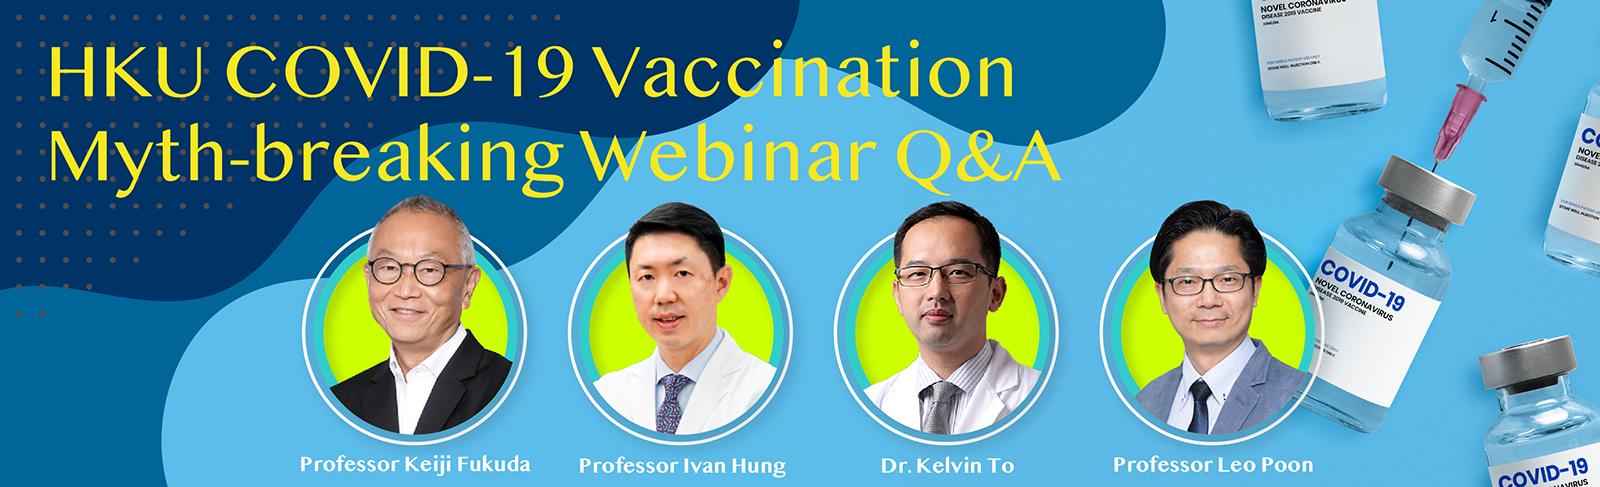 HKU COVID-19 Vaccination Myth-breaking Webinar Q&A